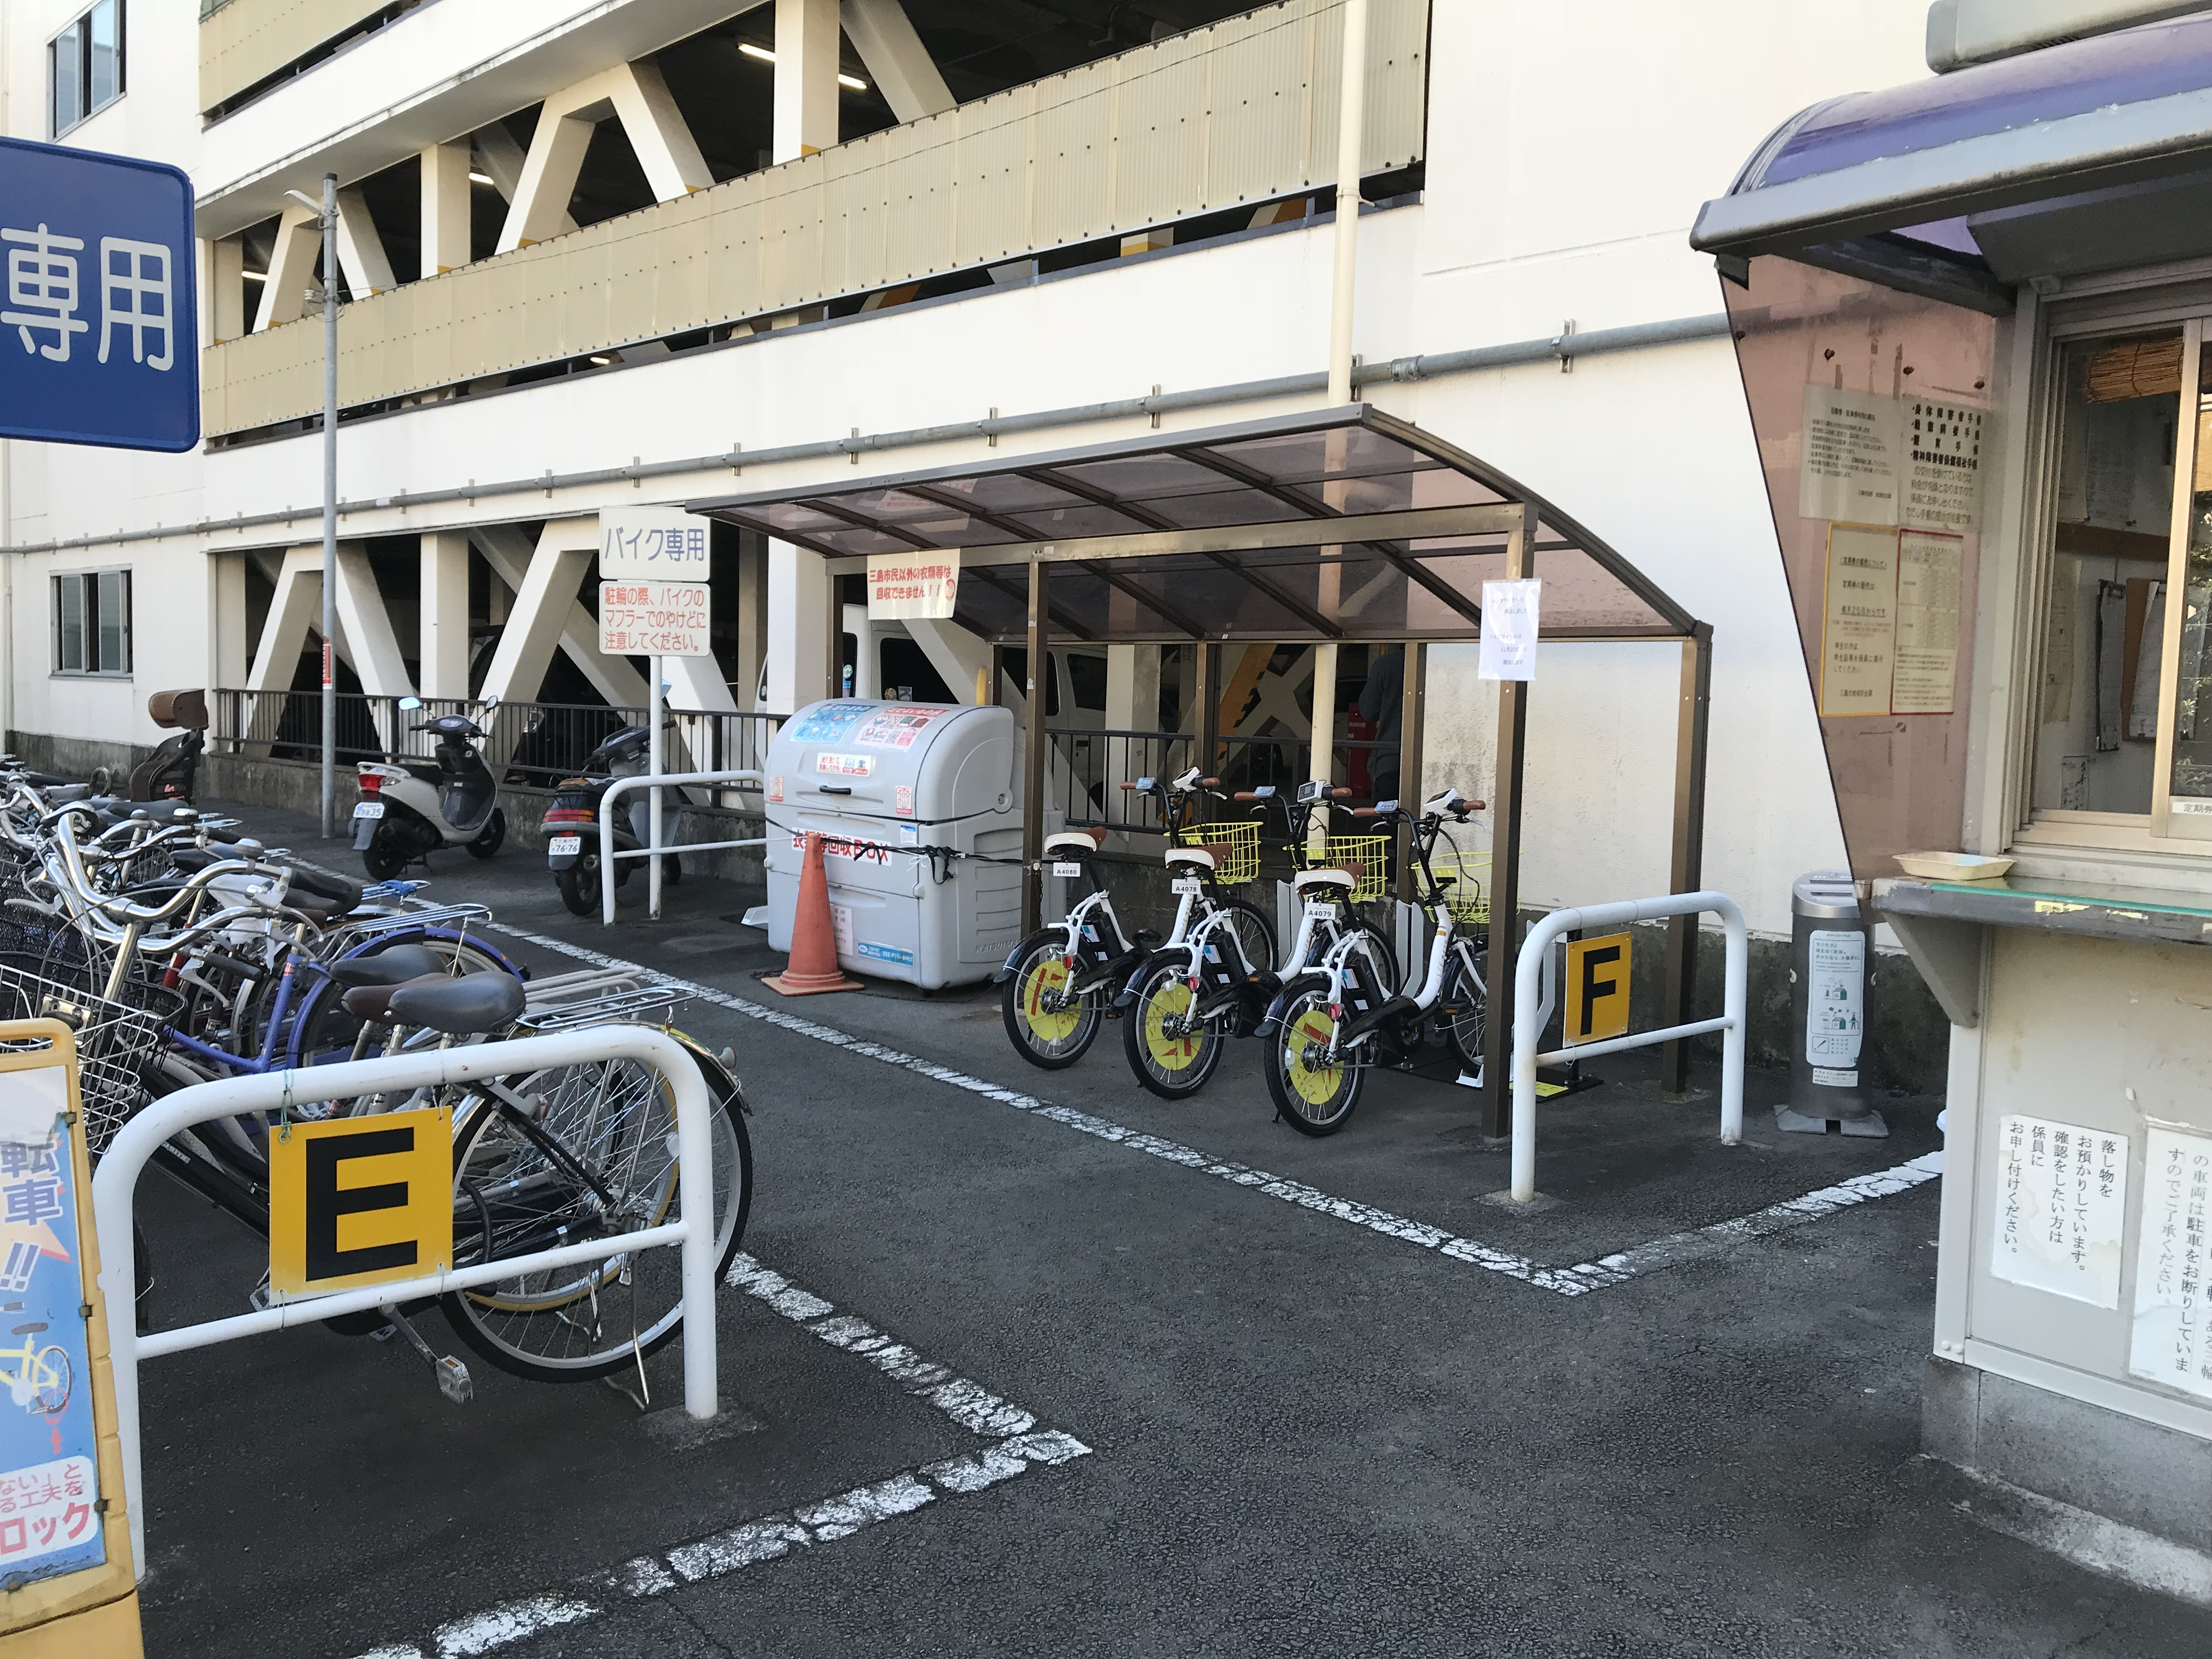 広小路自転車等駐車場 (HELLO CYCLING ポート) image